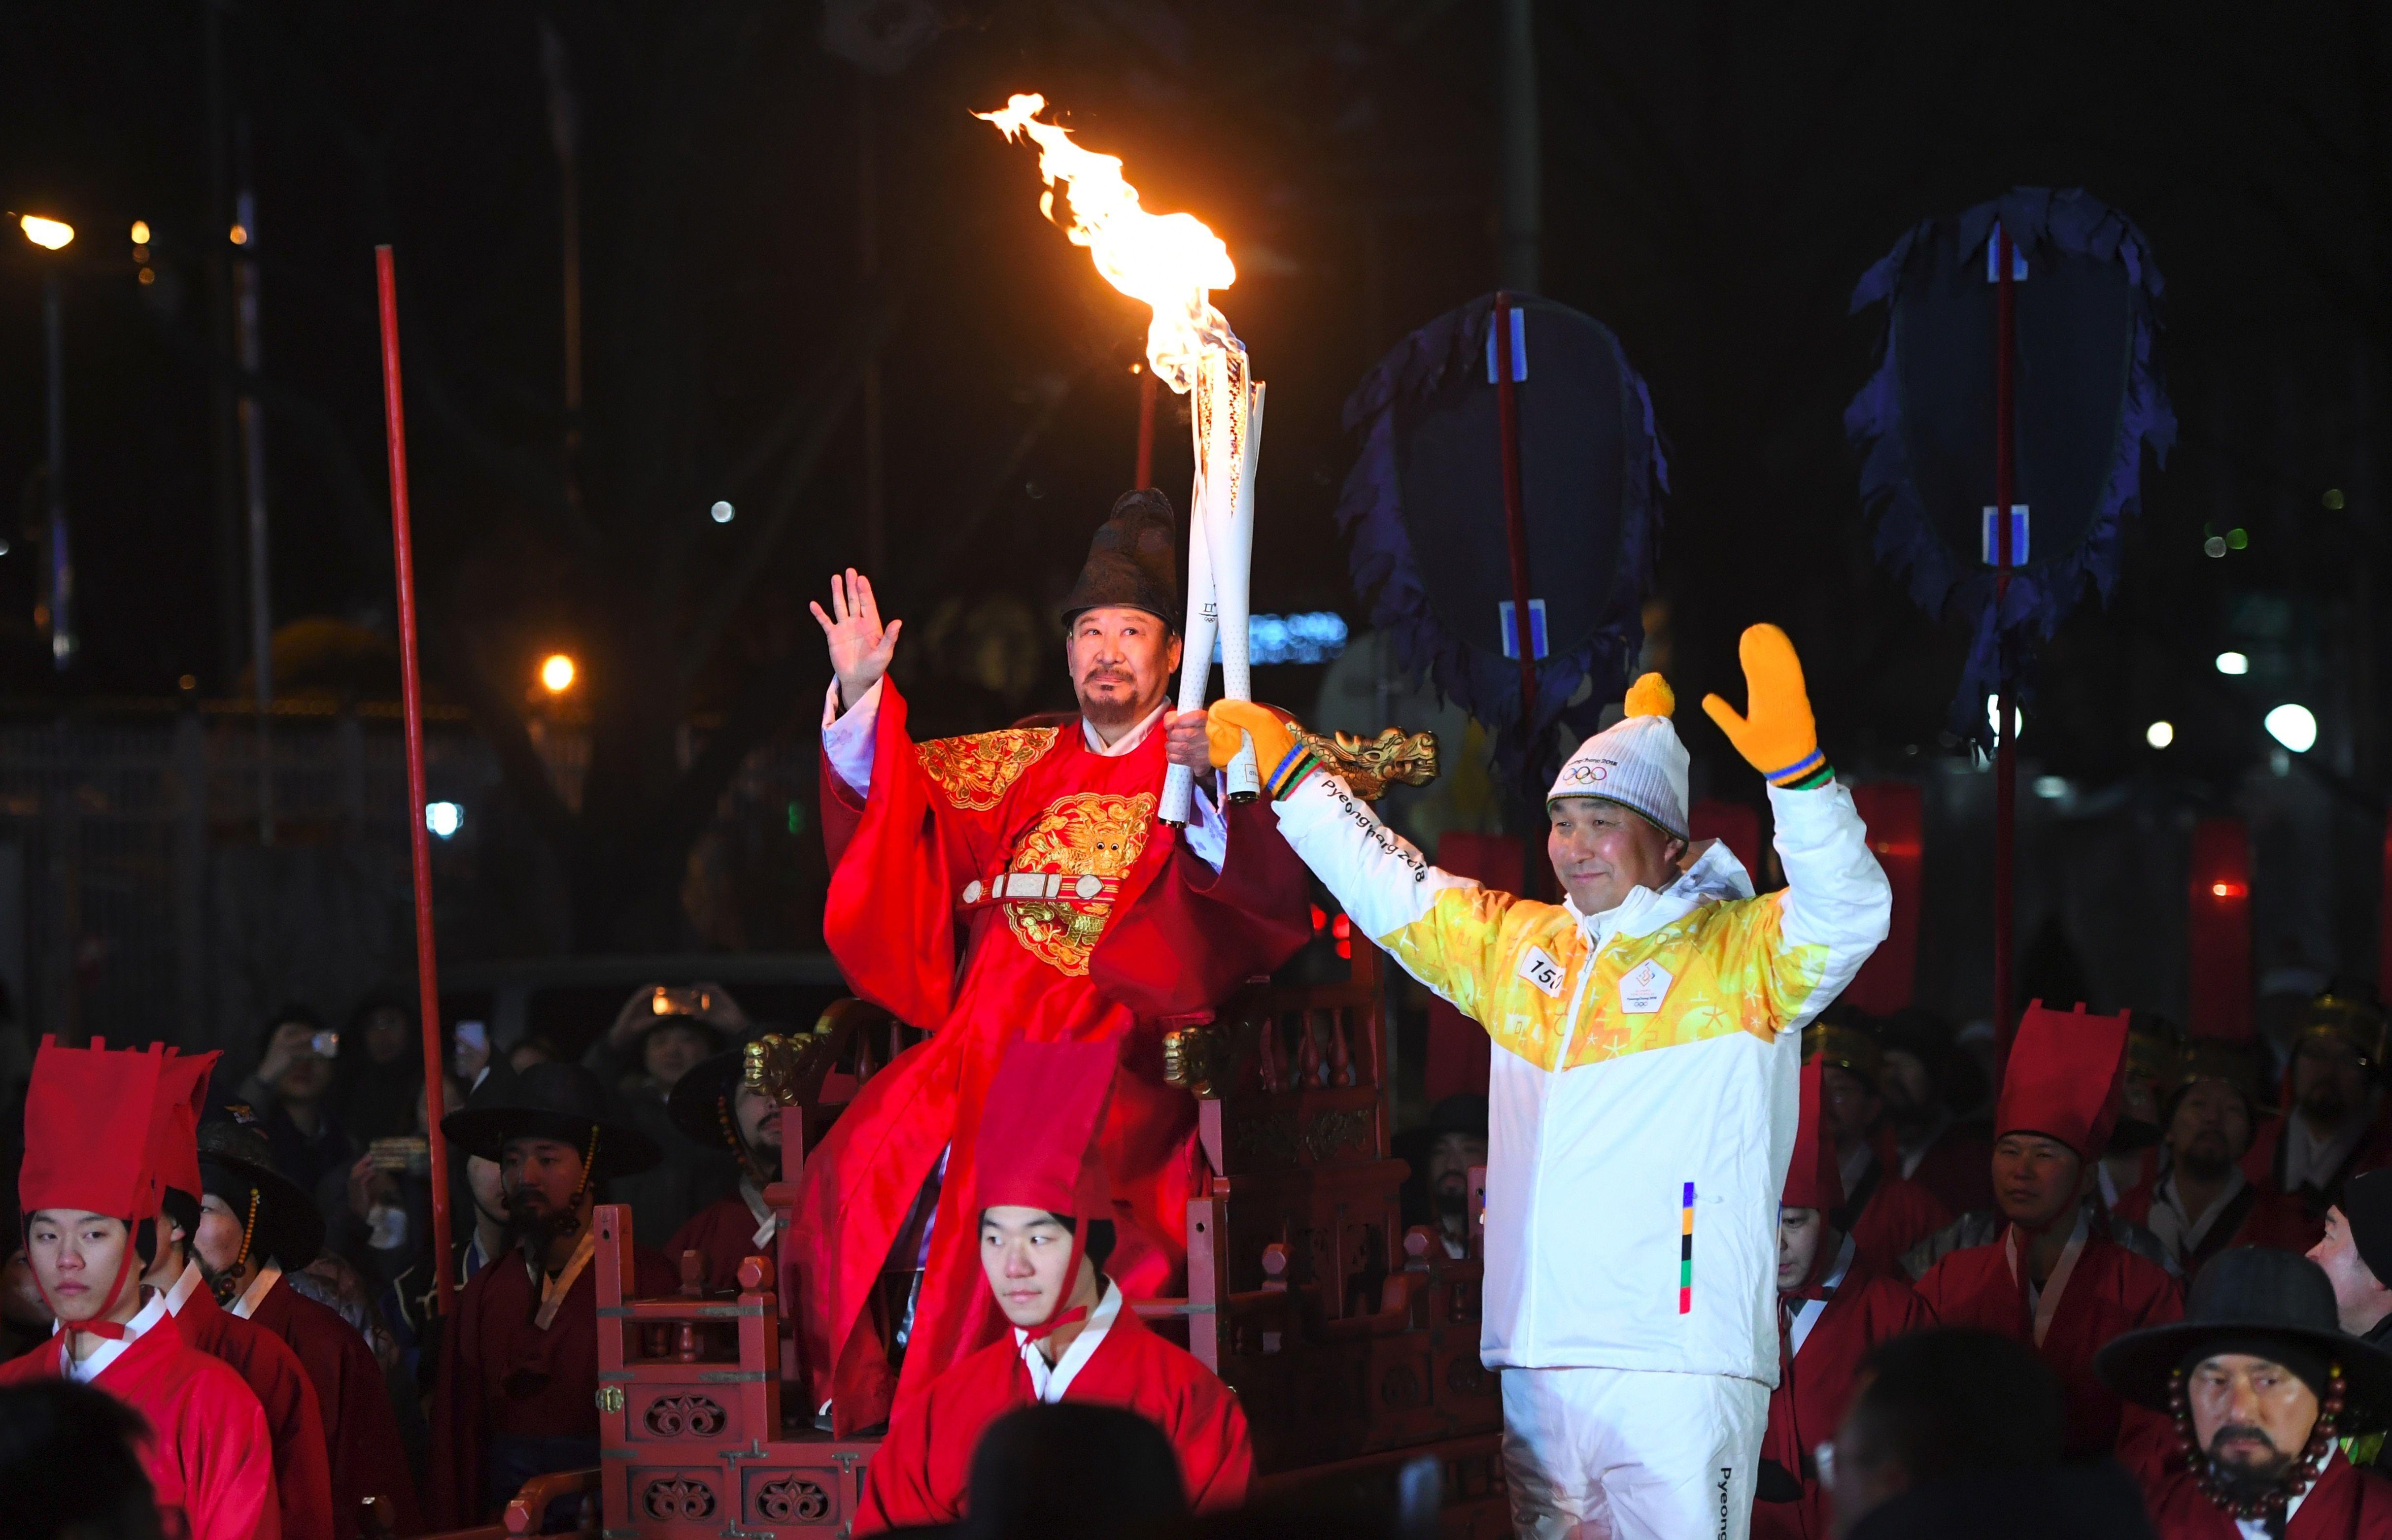 جولة الشعلة الأولمبية فى كوريا الجنوبية